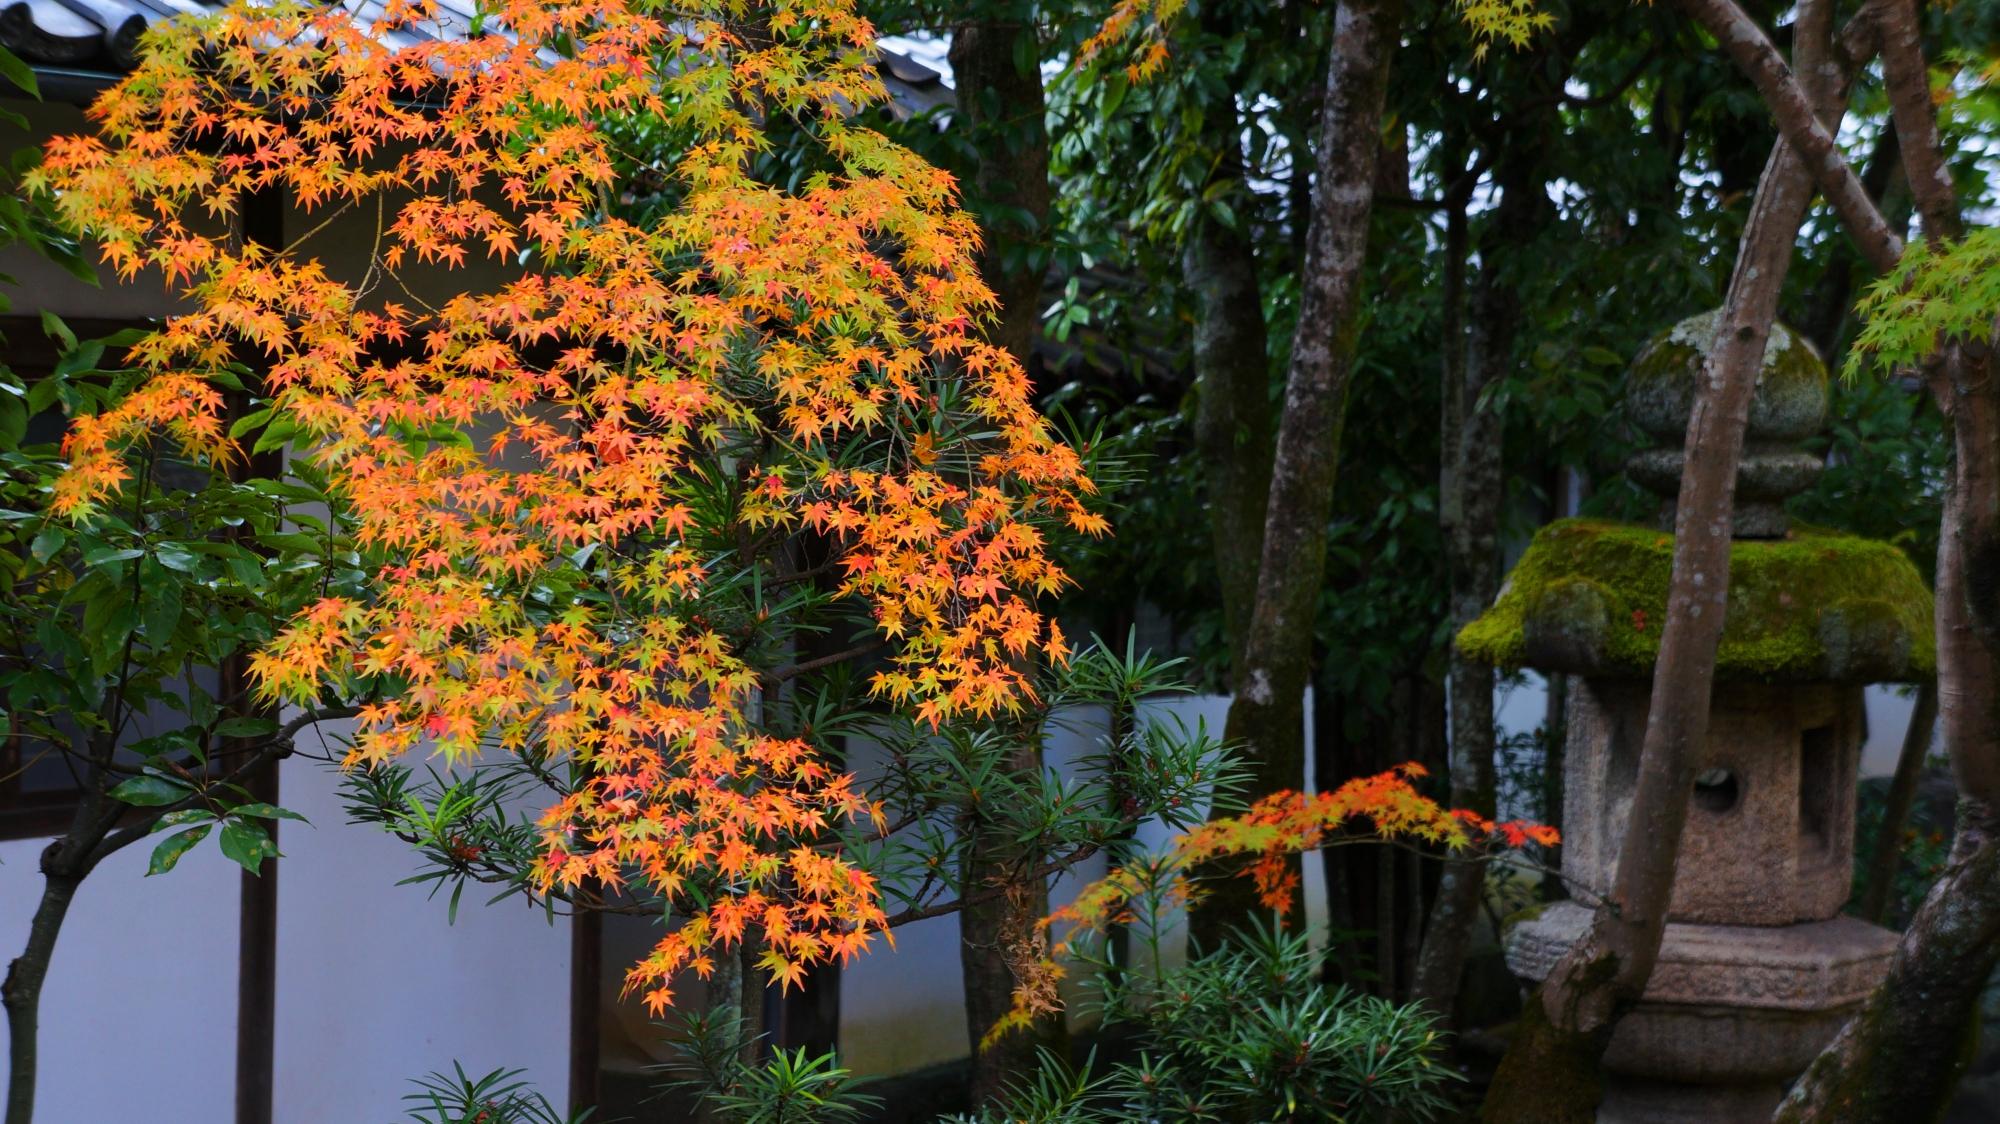 仁和寺の黒書院庭園の繊細で美しい紅葉